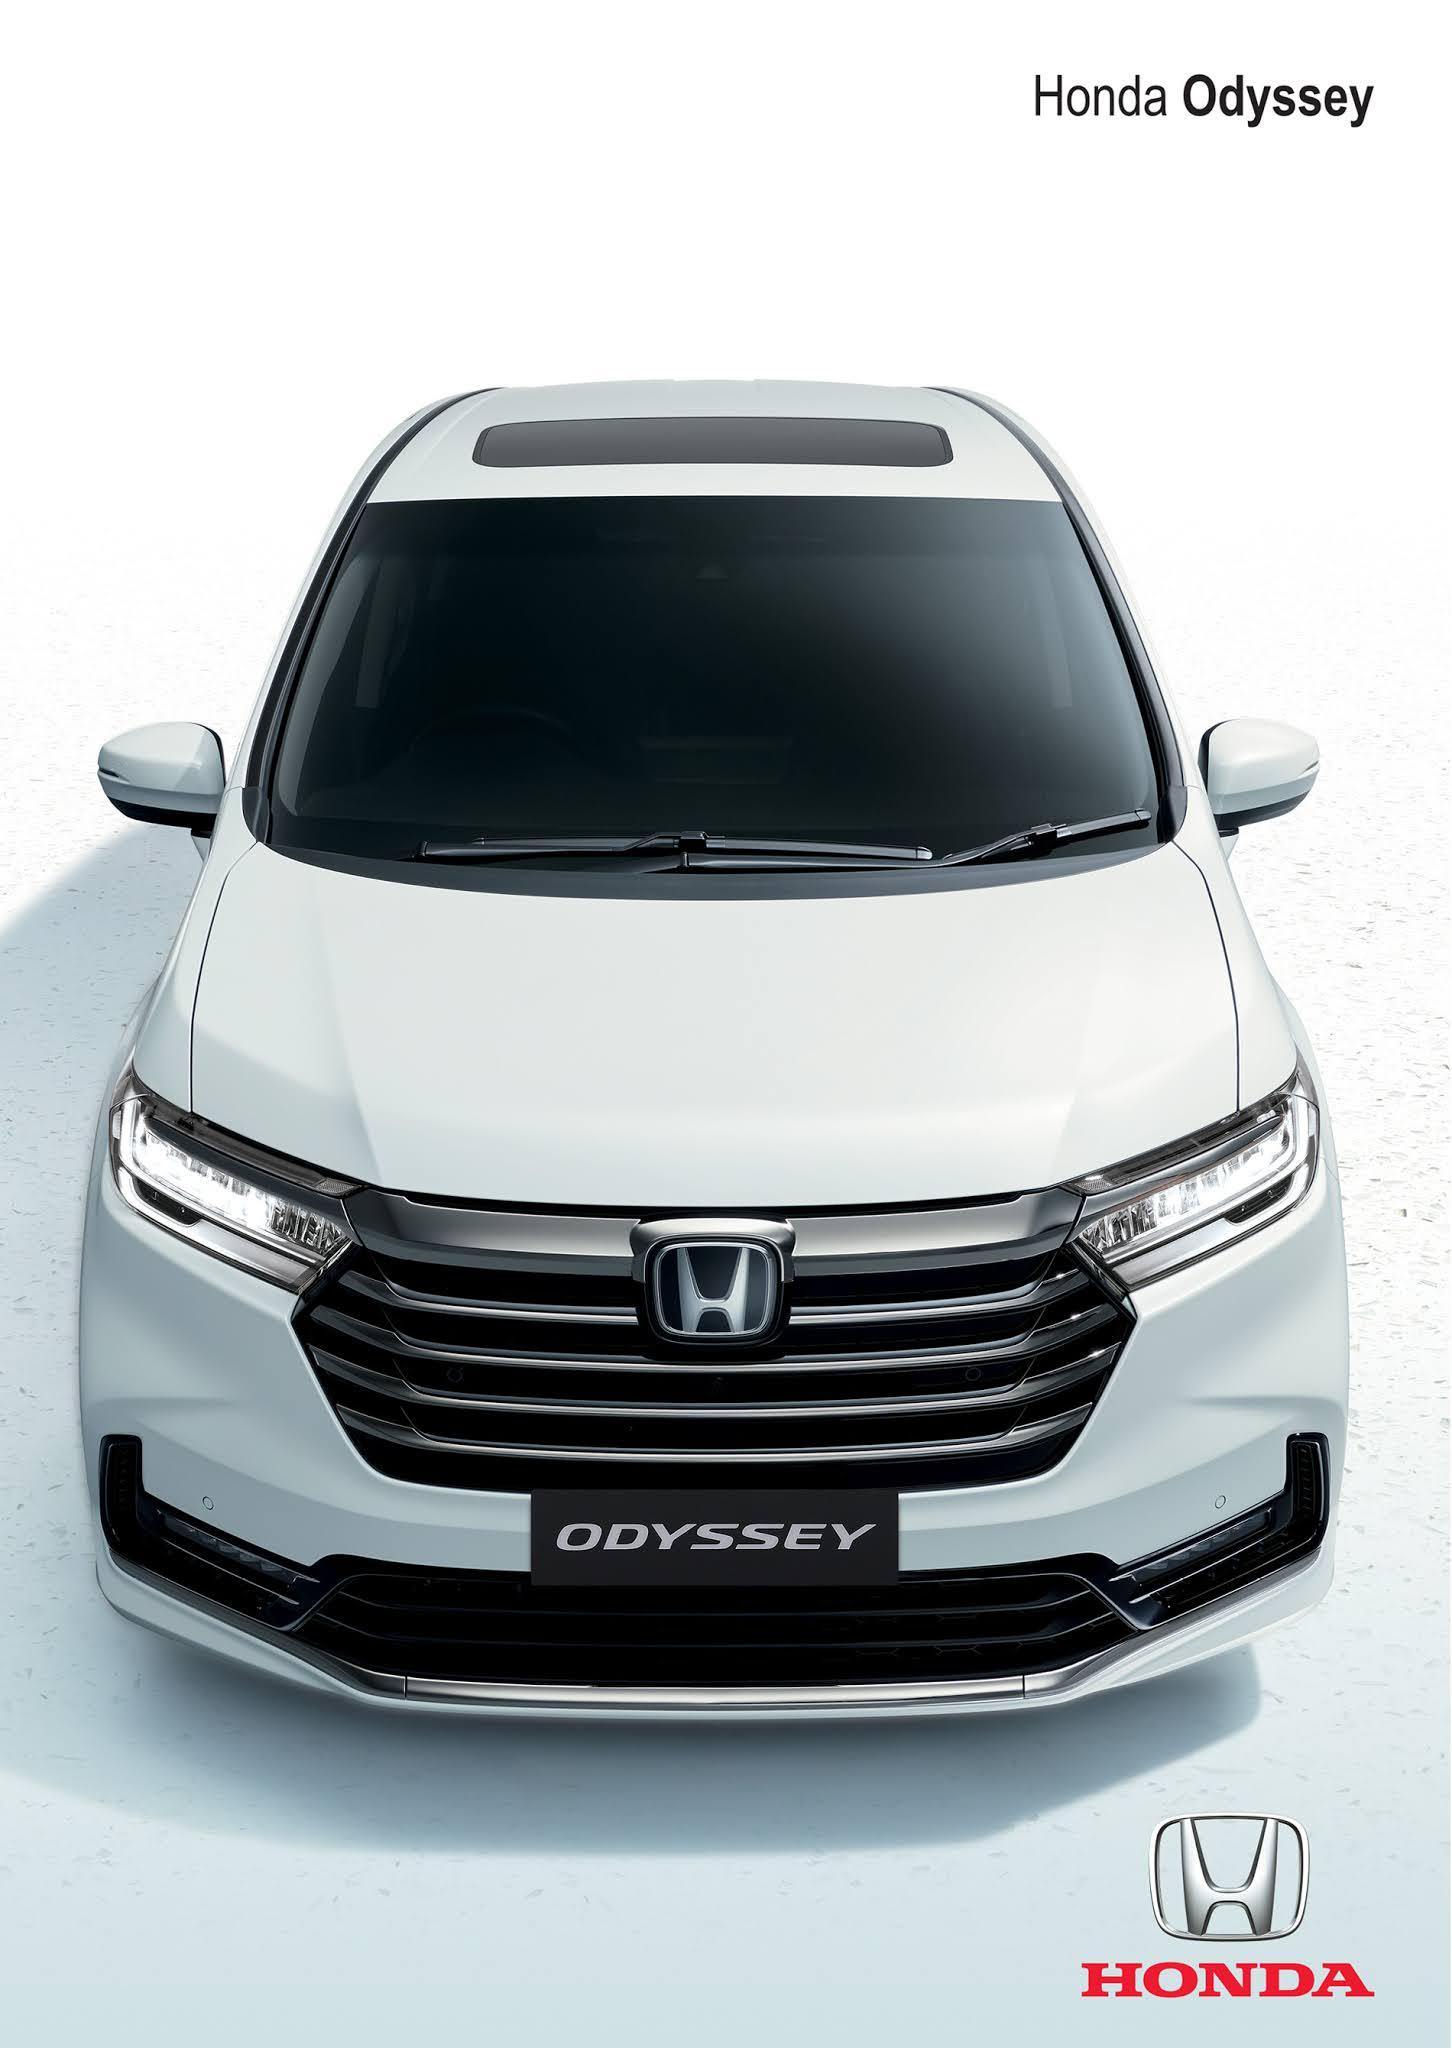 Harga Honda Odyssey Pekanbaru Riau Terbaru bulan ini 2021